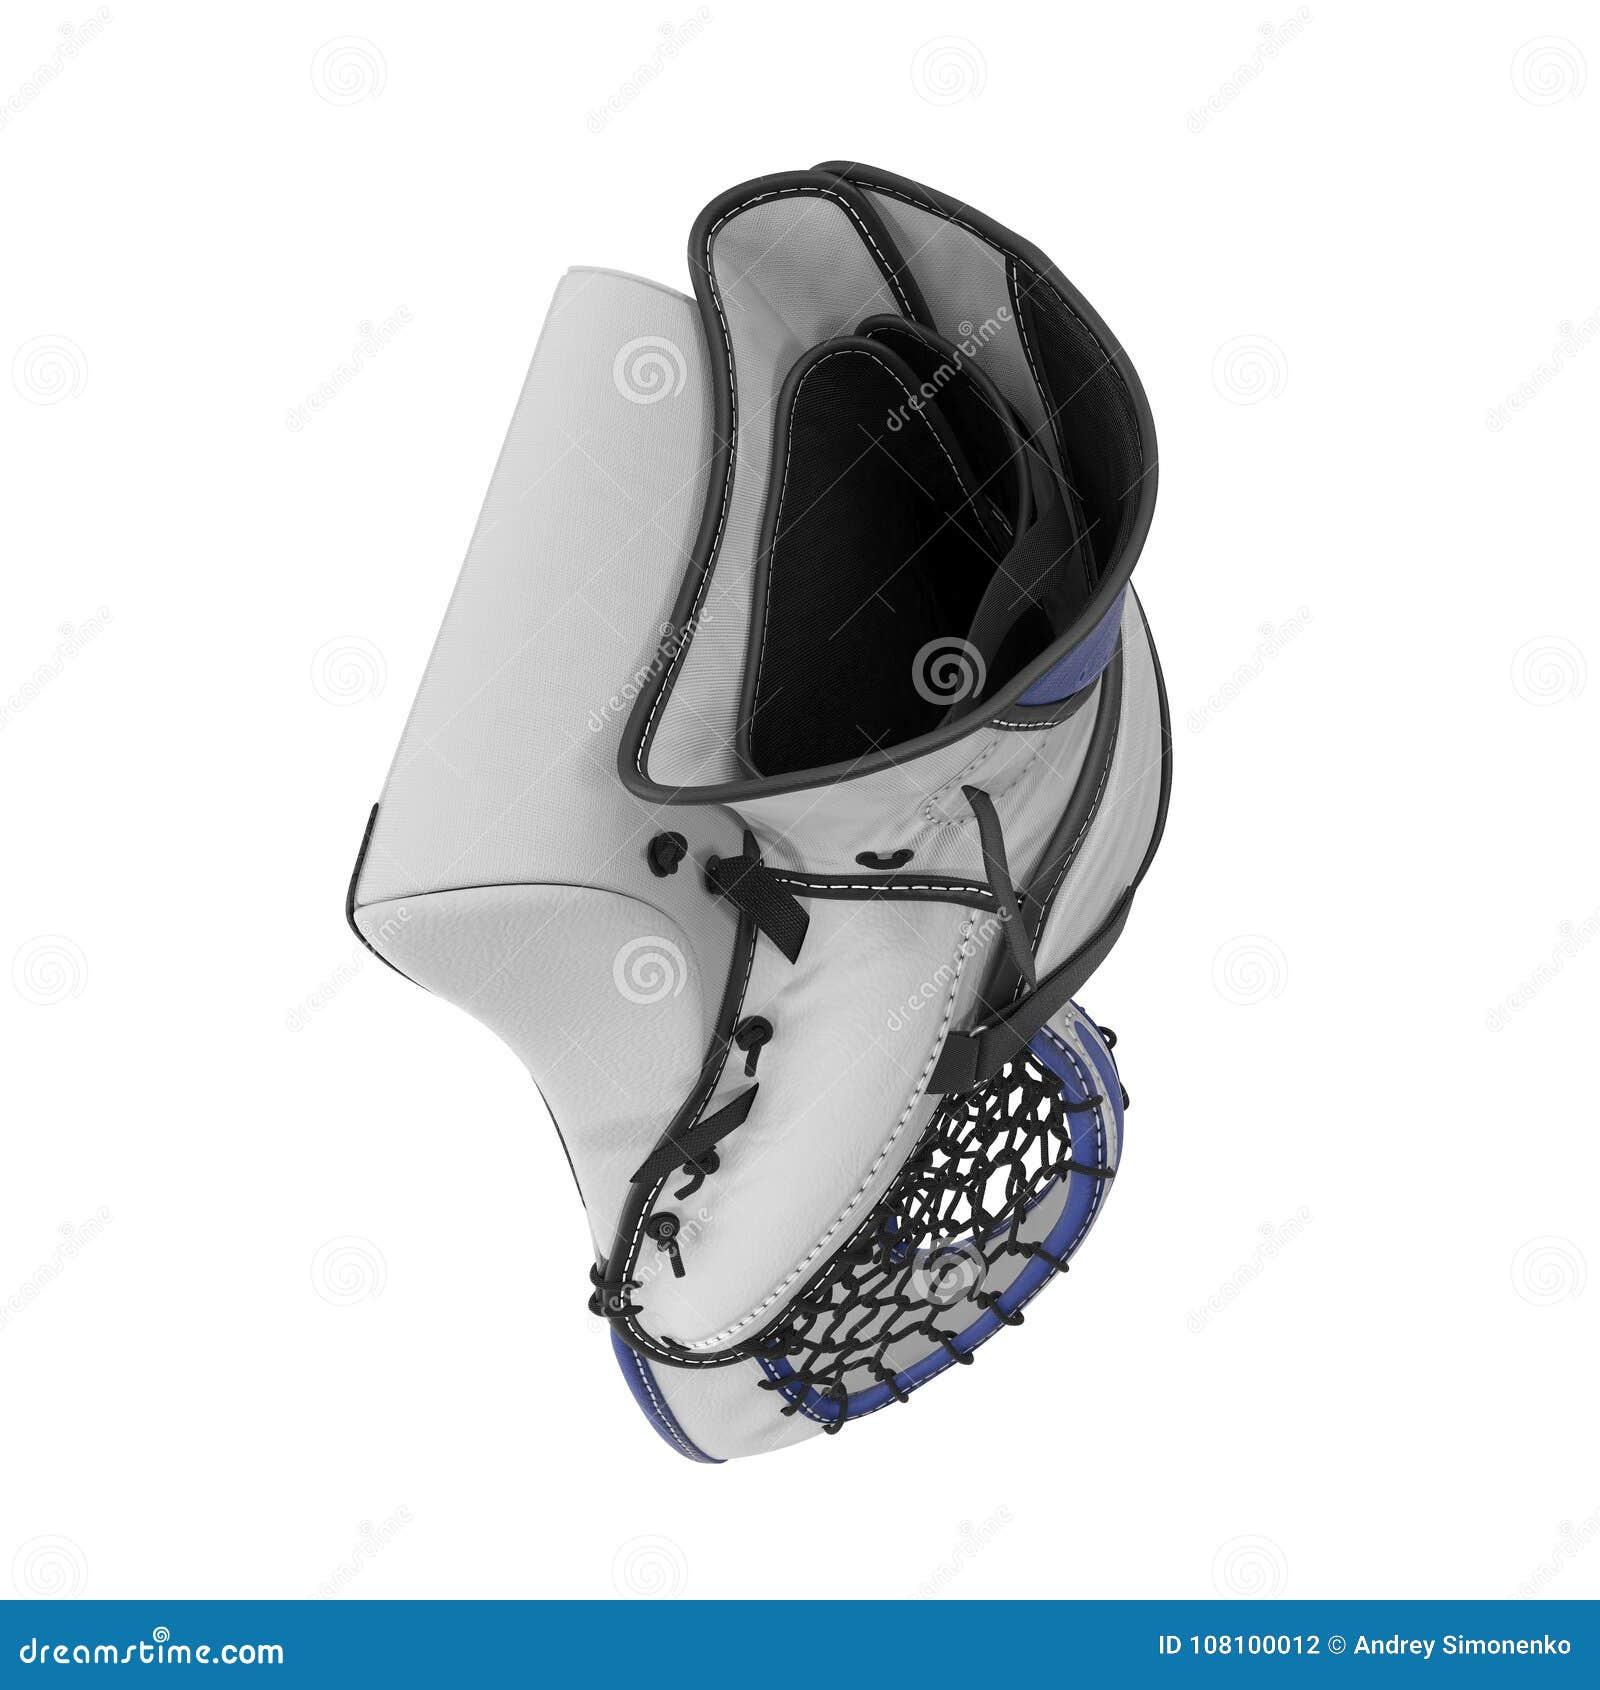 Hockey Goalie Catcher Glove On White 3d Illustration Stock